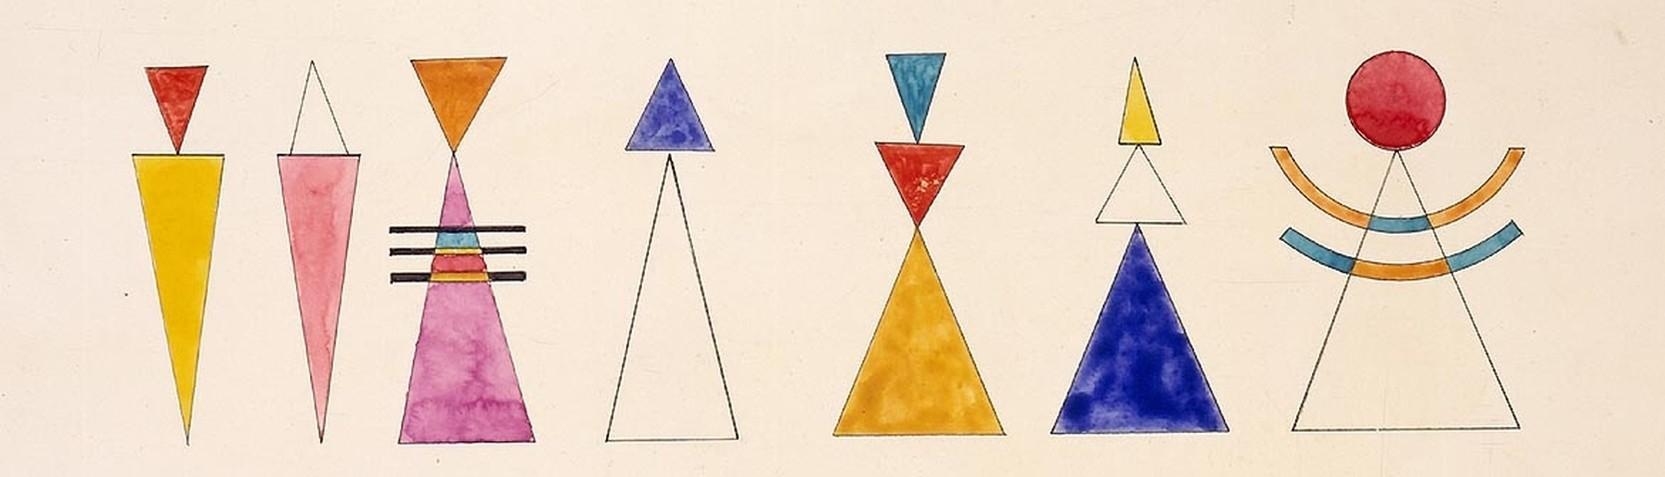 Artisti A-Z - Wassily Kandinsky